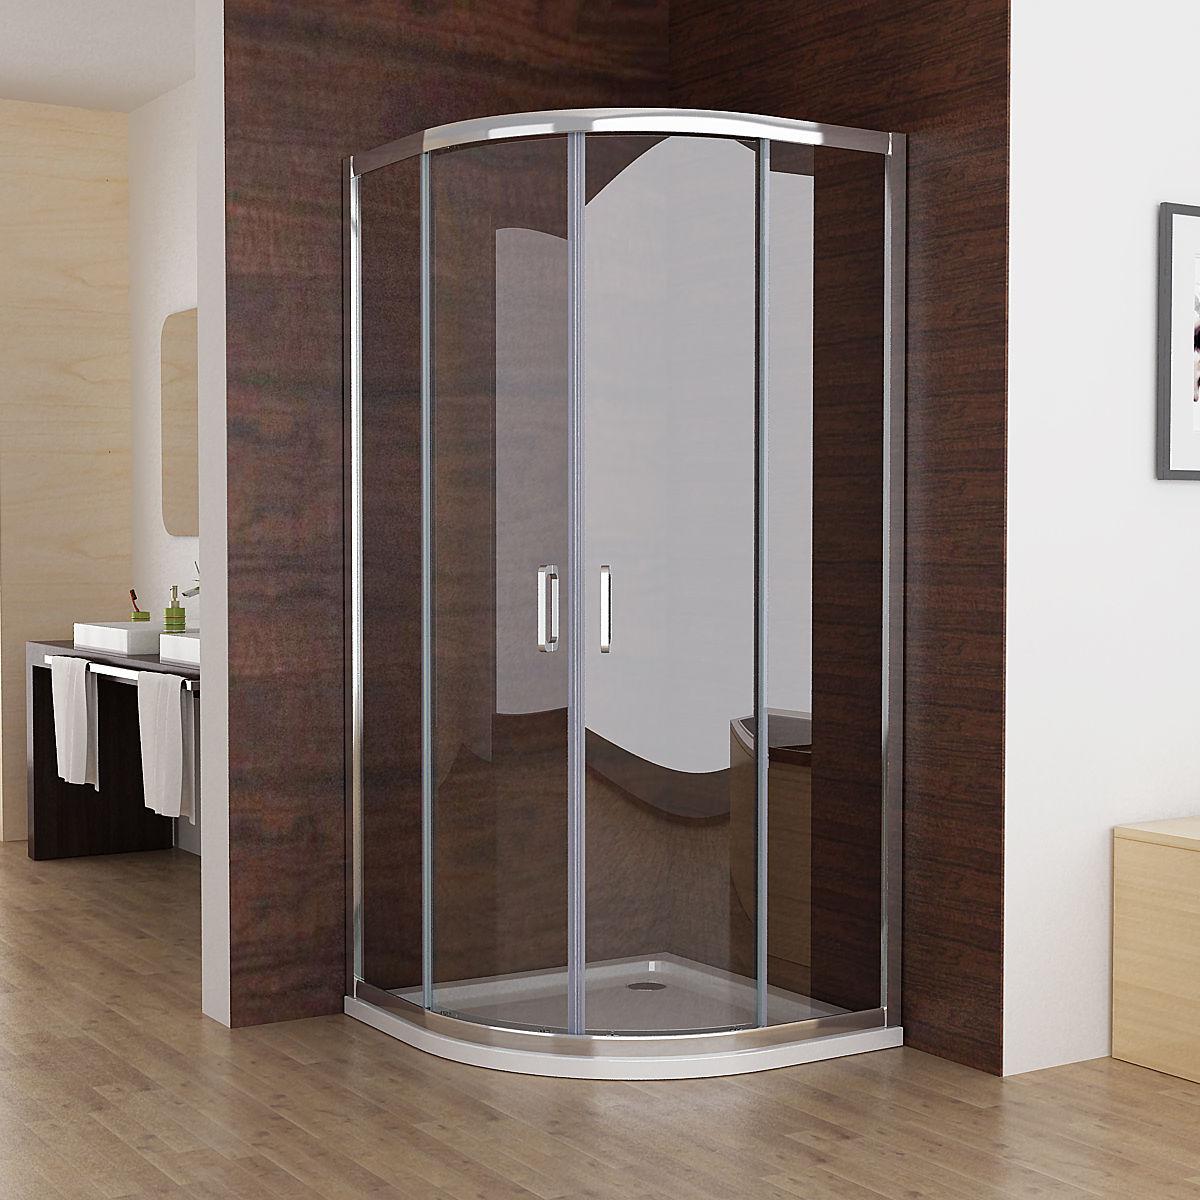 90x90cm Viertelkreis Duschkabine Runddusche Schiebetür Duschabtrennung  Dusche Echtglas mit Duschwanne